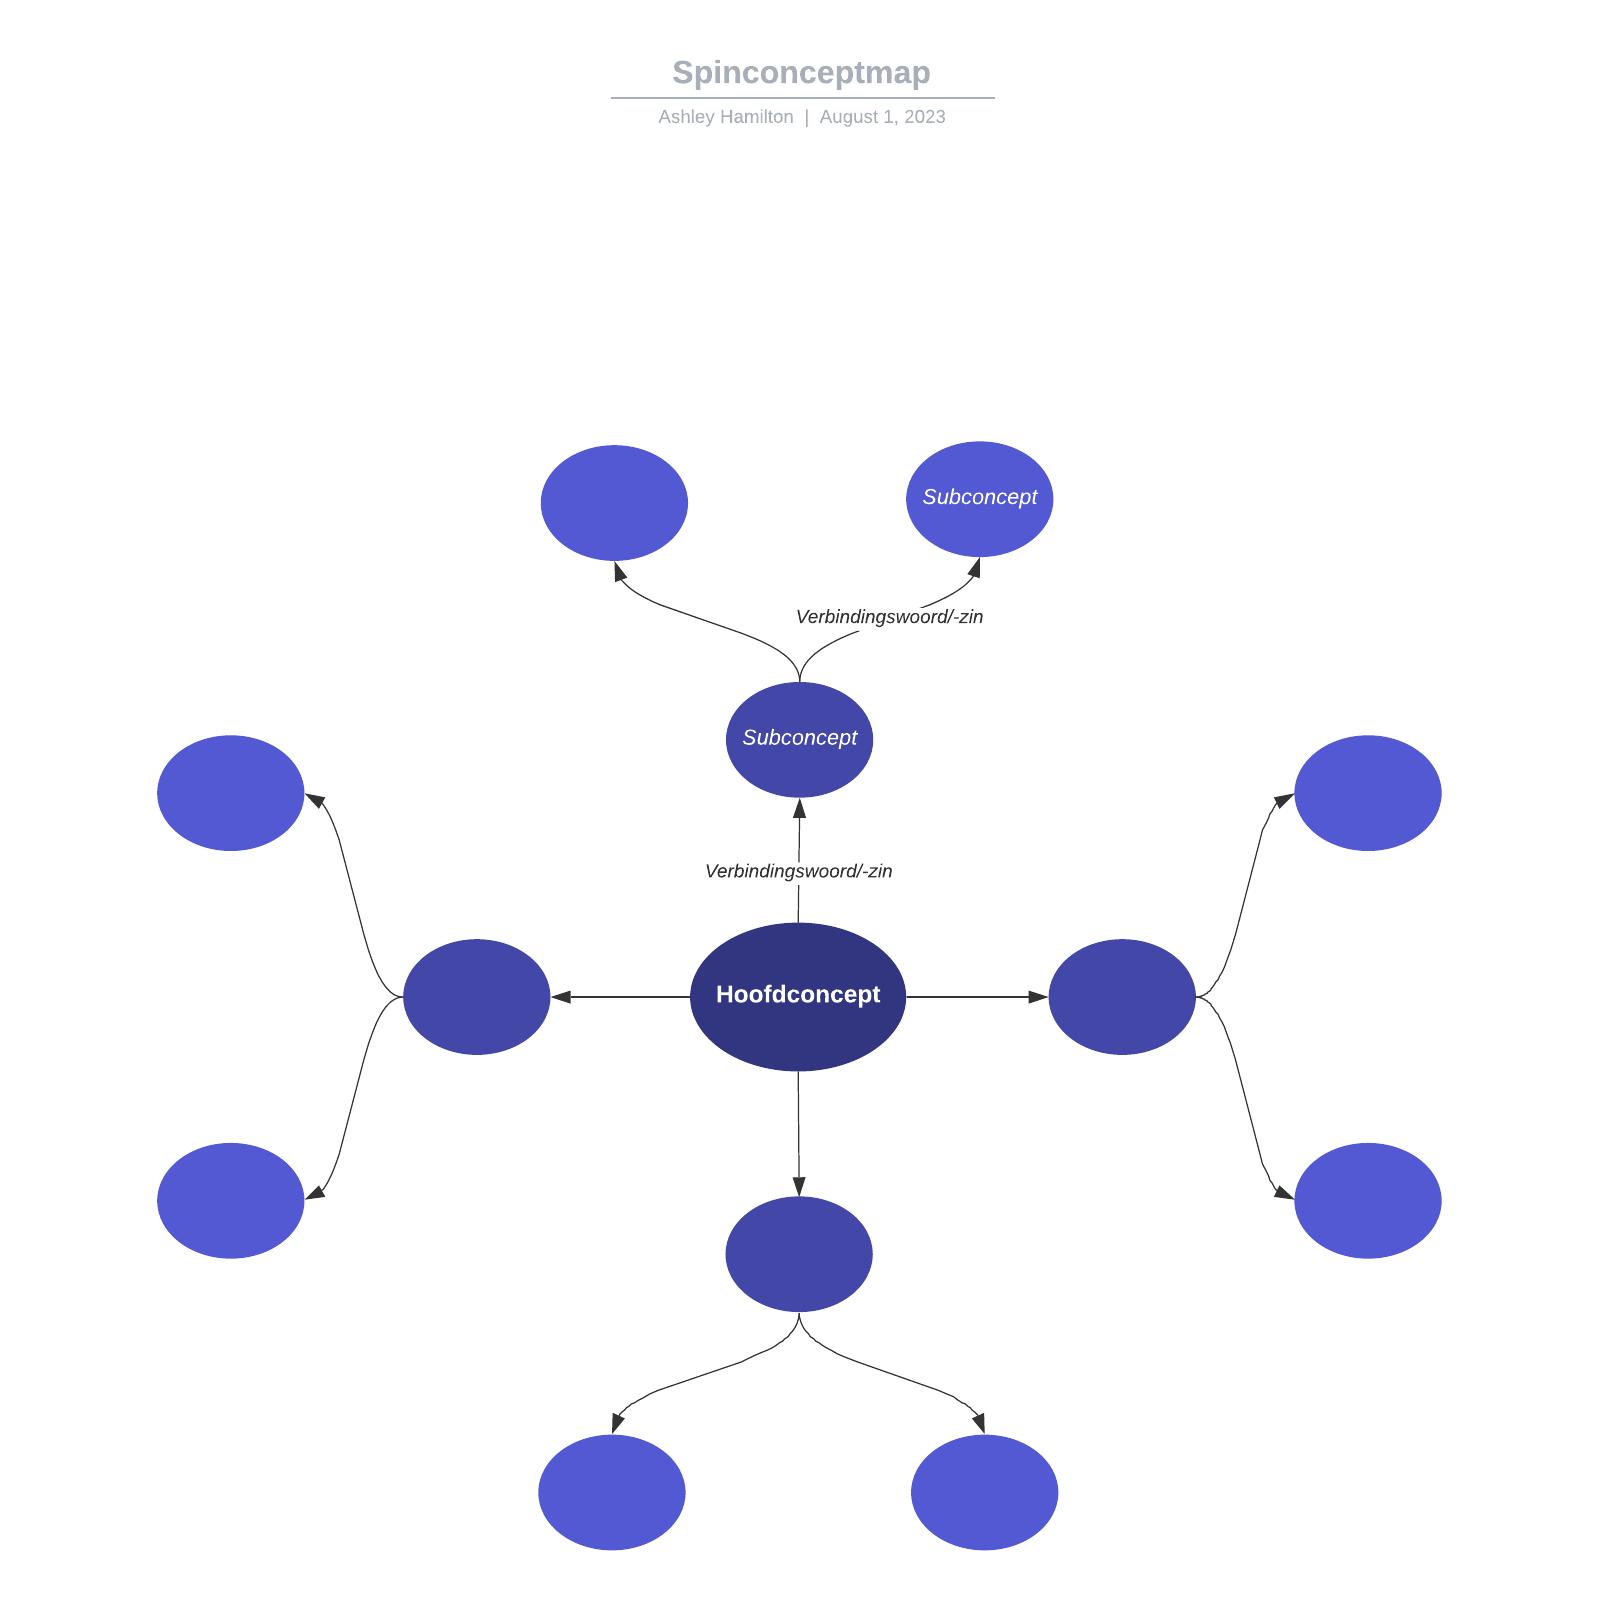 Spinconceptmap